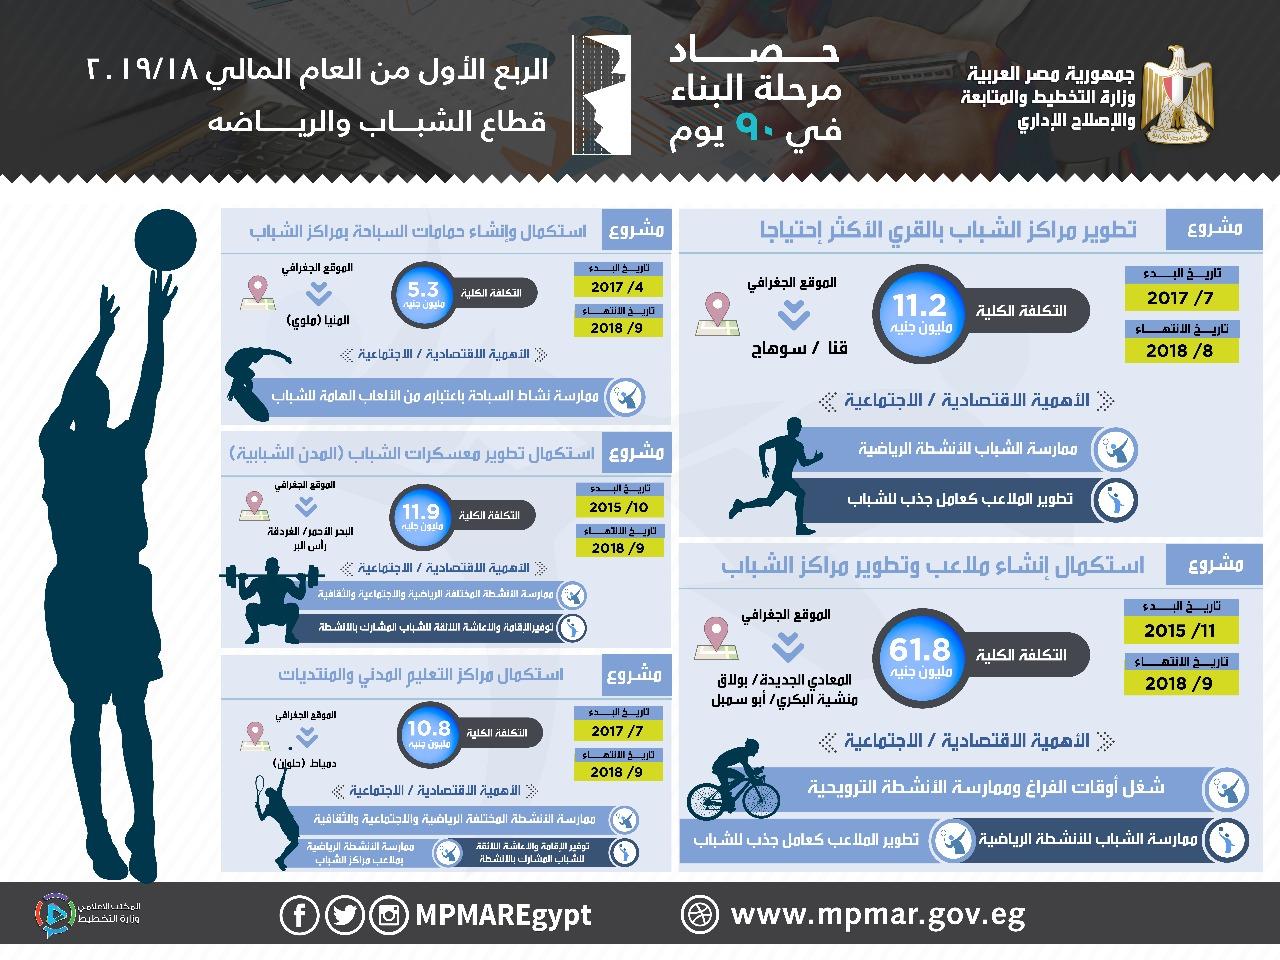 مشروعات الشباب والرياضة التي نفذتها وزارة التخطيط